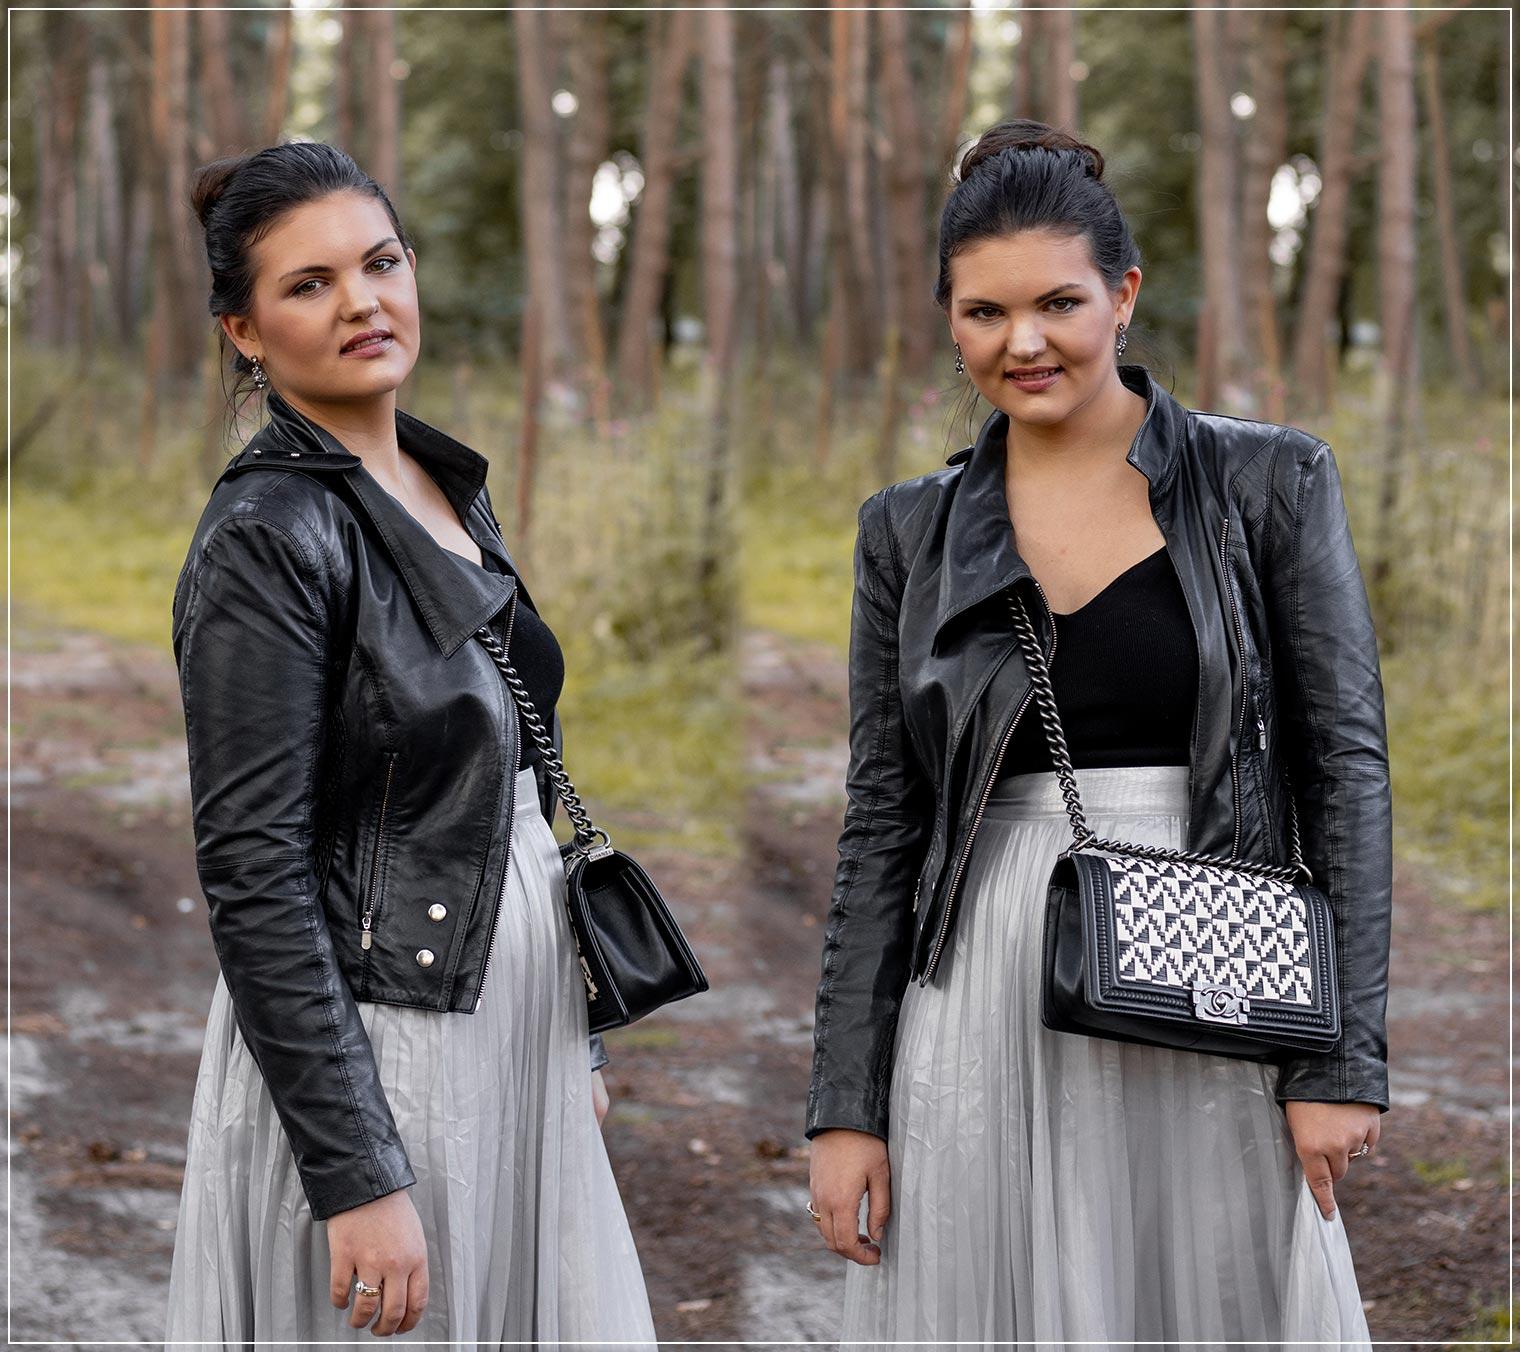 Herbstliches Outfit mit Lederjacke, Strickpullover und Chiffonrock